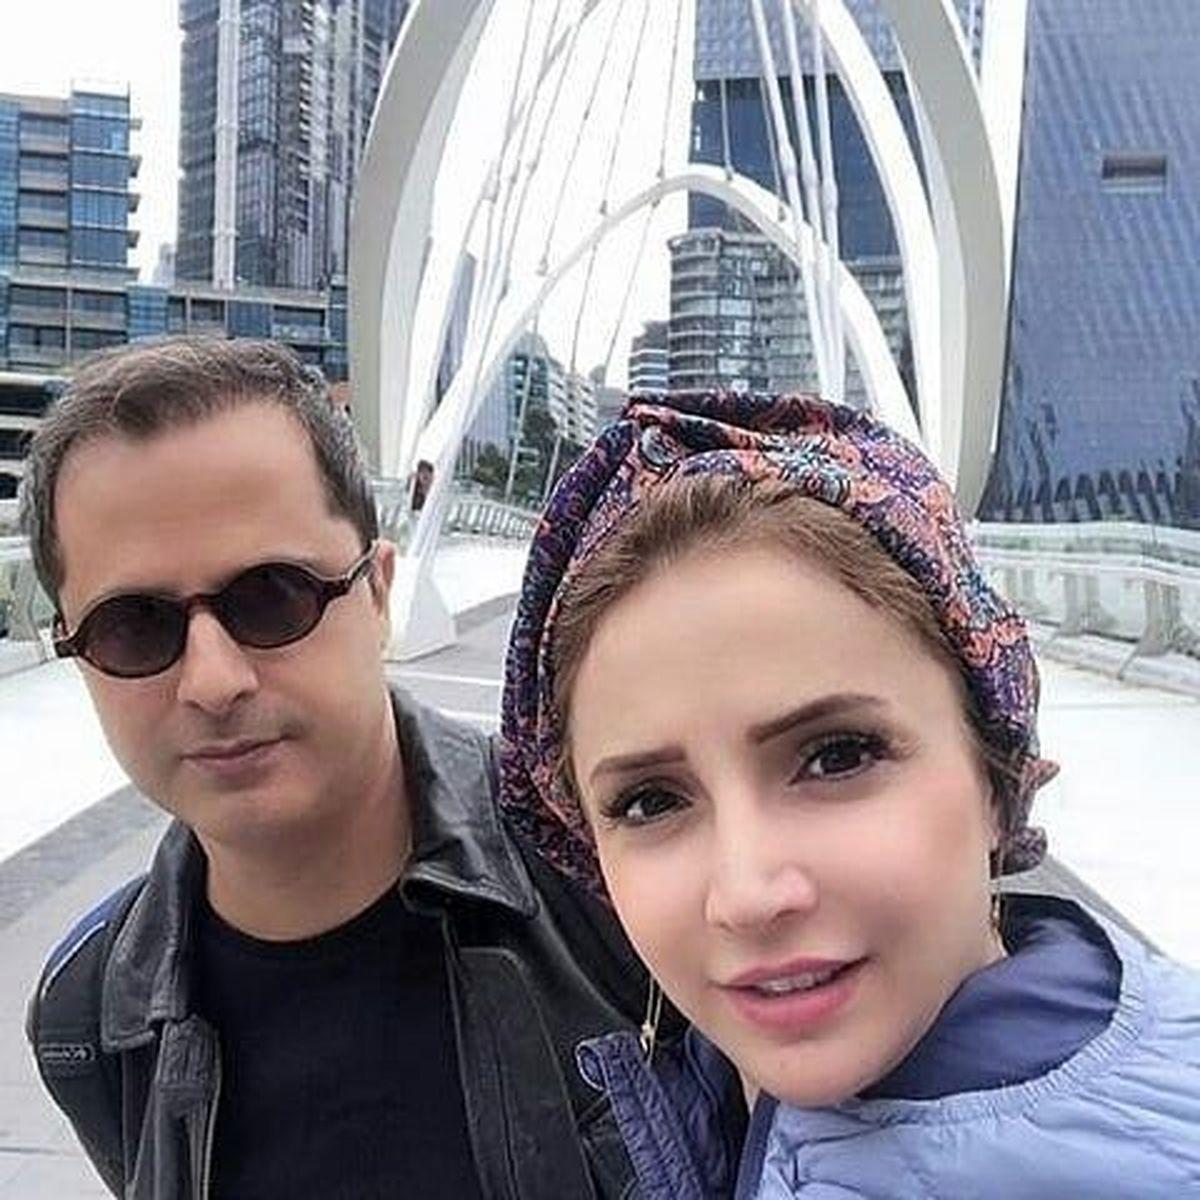 عکس همسر شبم قلی خانی + عکس